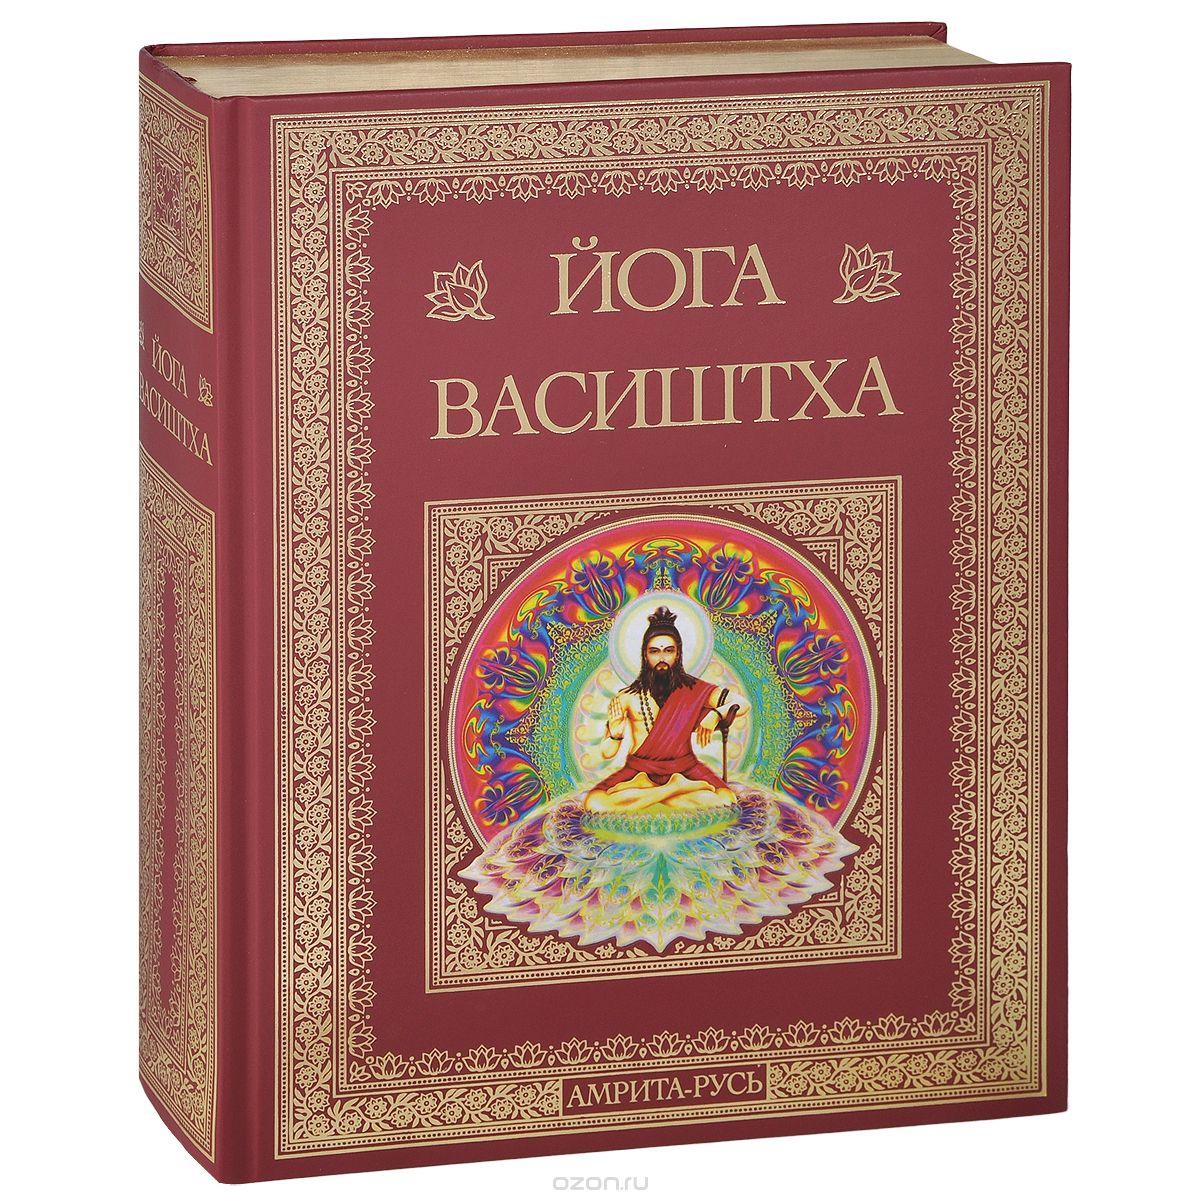 Здесь можно скачать литературу (книги и видео) по йоге для начинающих. Готовый список литературы для начинающих в йоге. Йога васиштха.